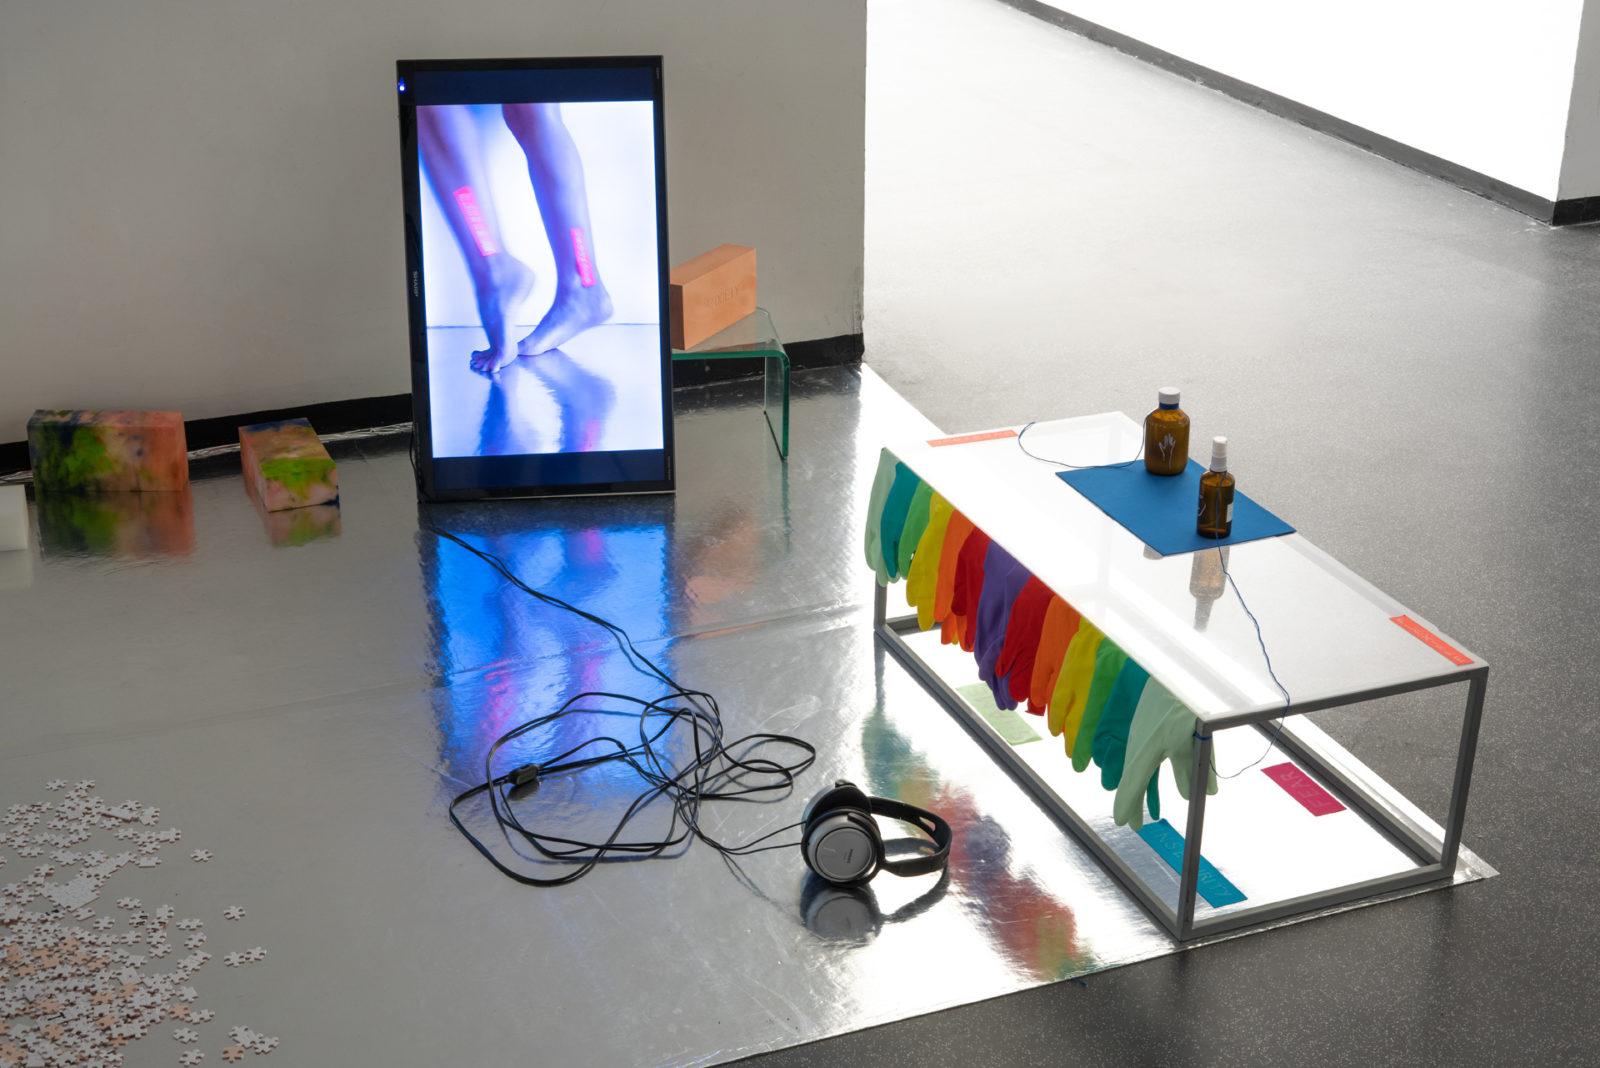 ACAX_Leopold Bloom Képzőművészeti Díj: Kis Judité a New York-i lehetőség